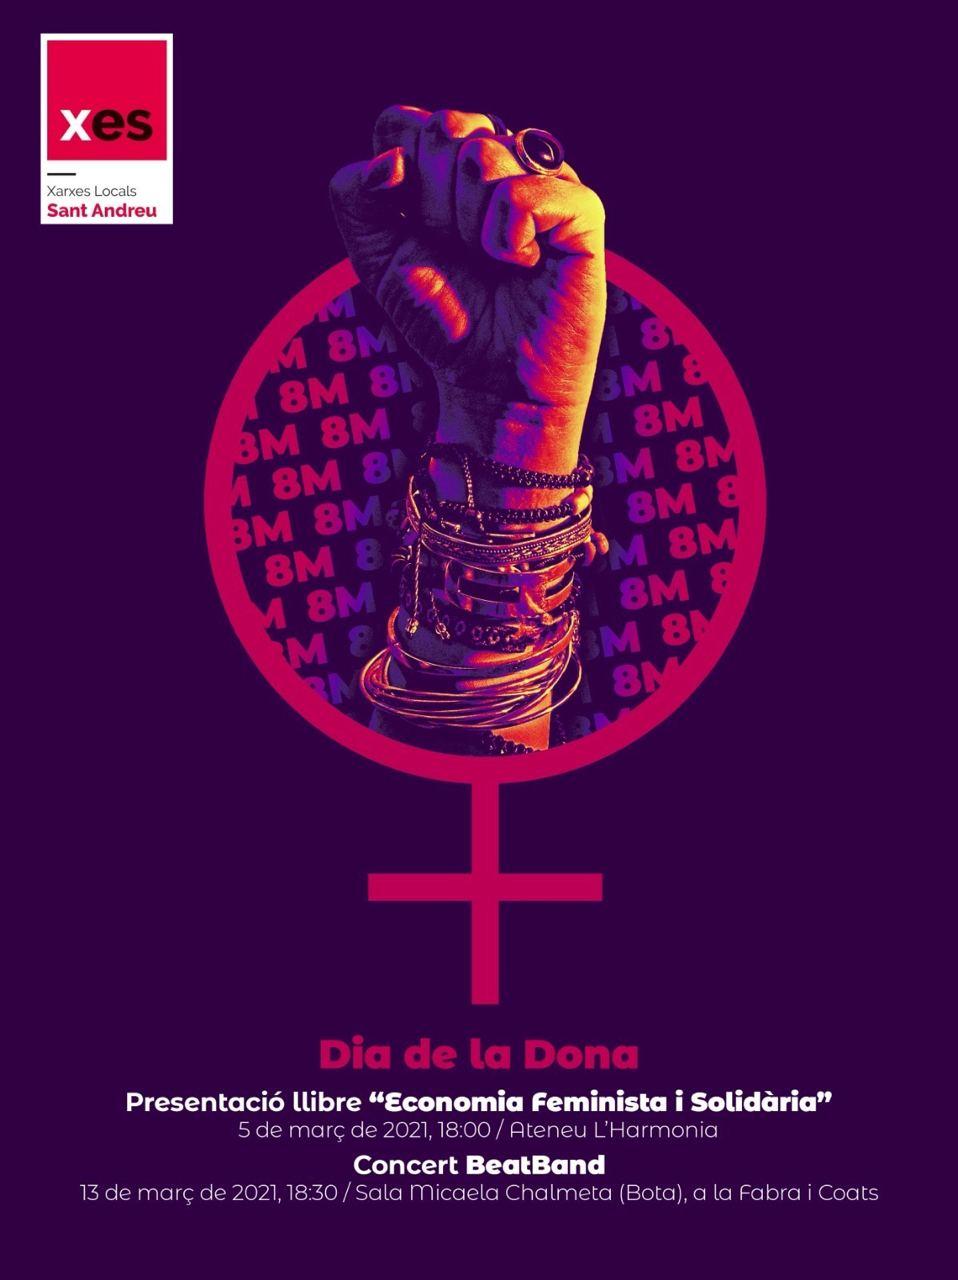 Concert Beat Band - Dia de la Dona a Sant Andreu